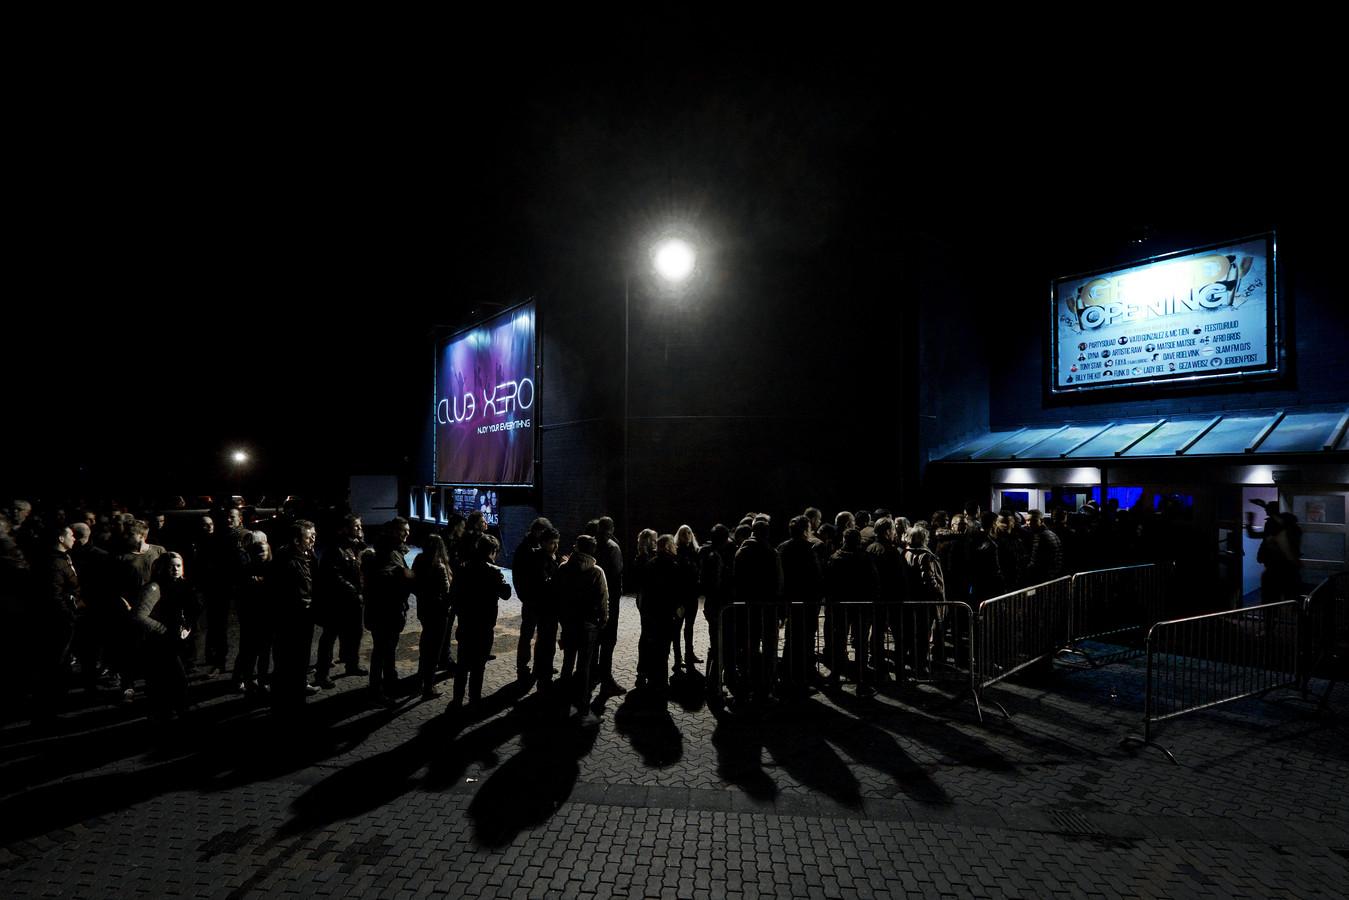 De wachtrij bij de opening van Club Xero in 2015.